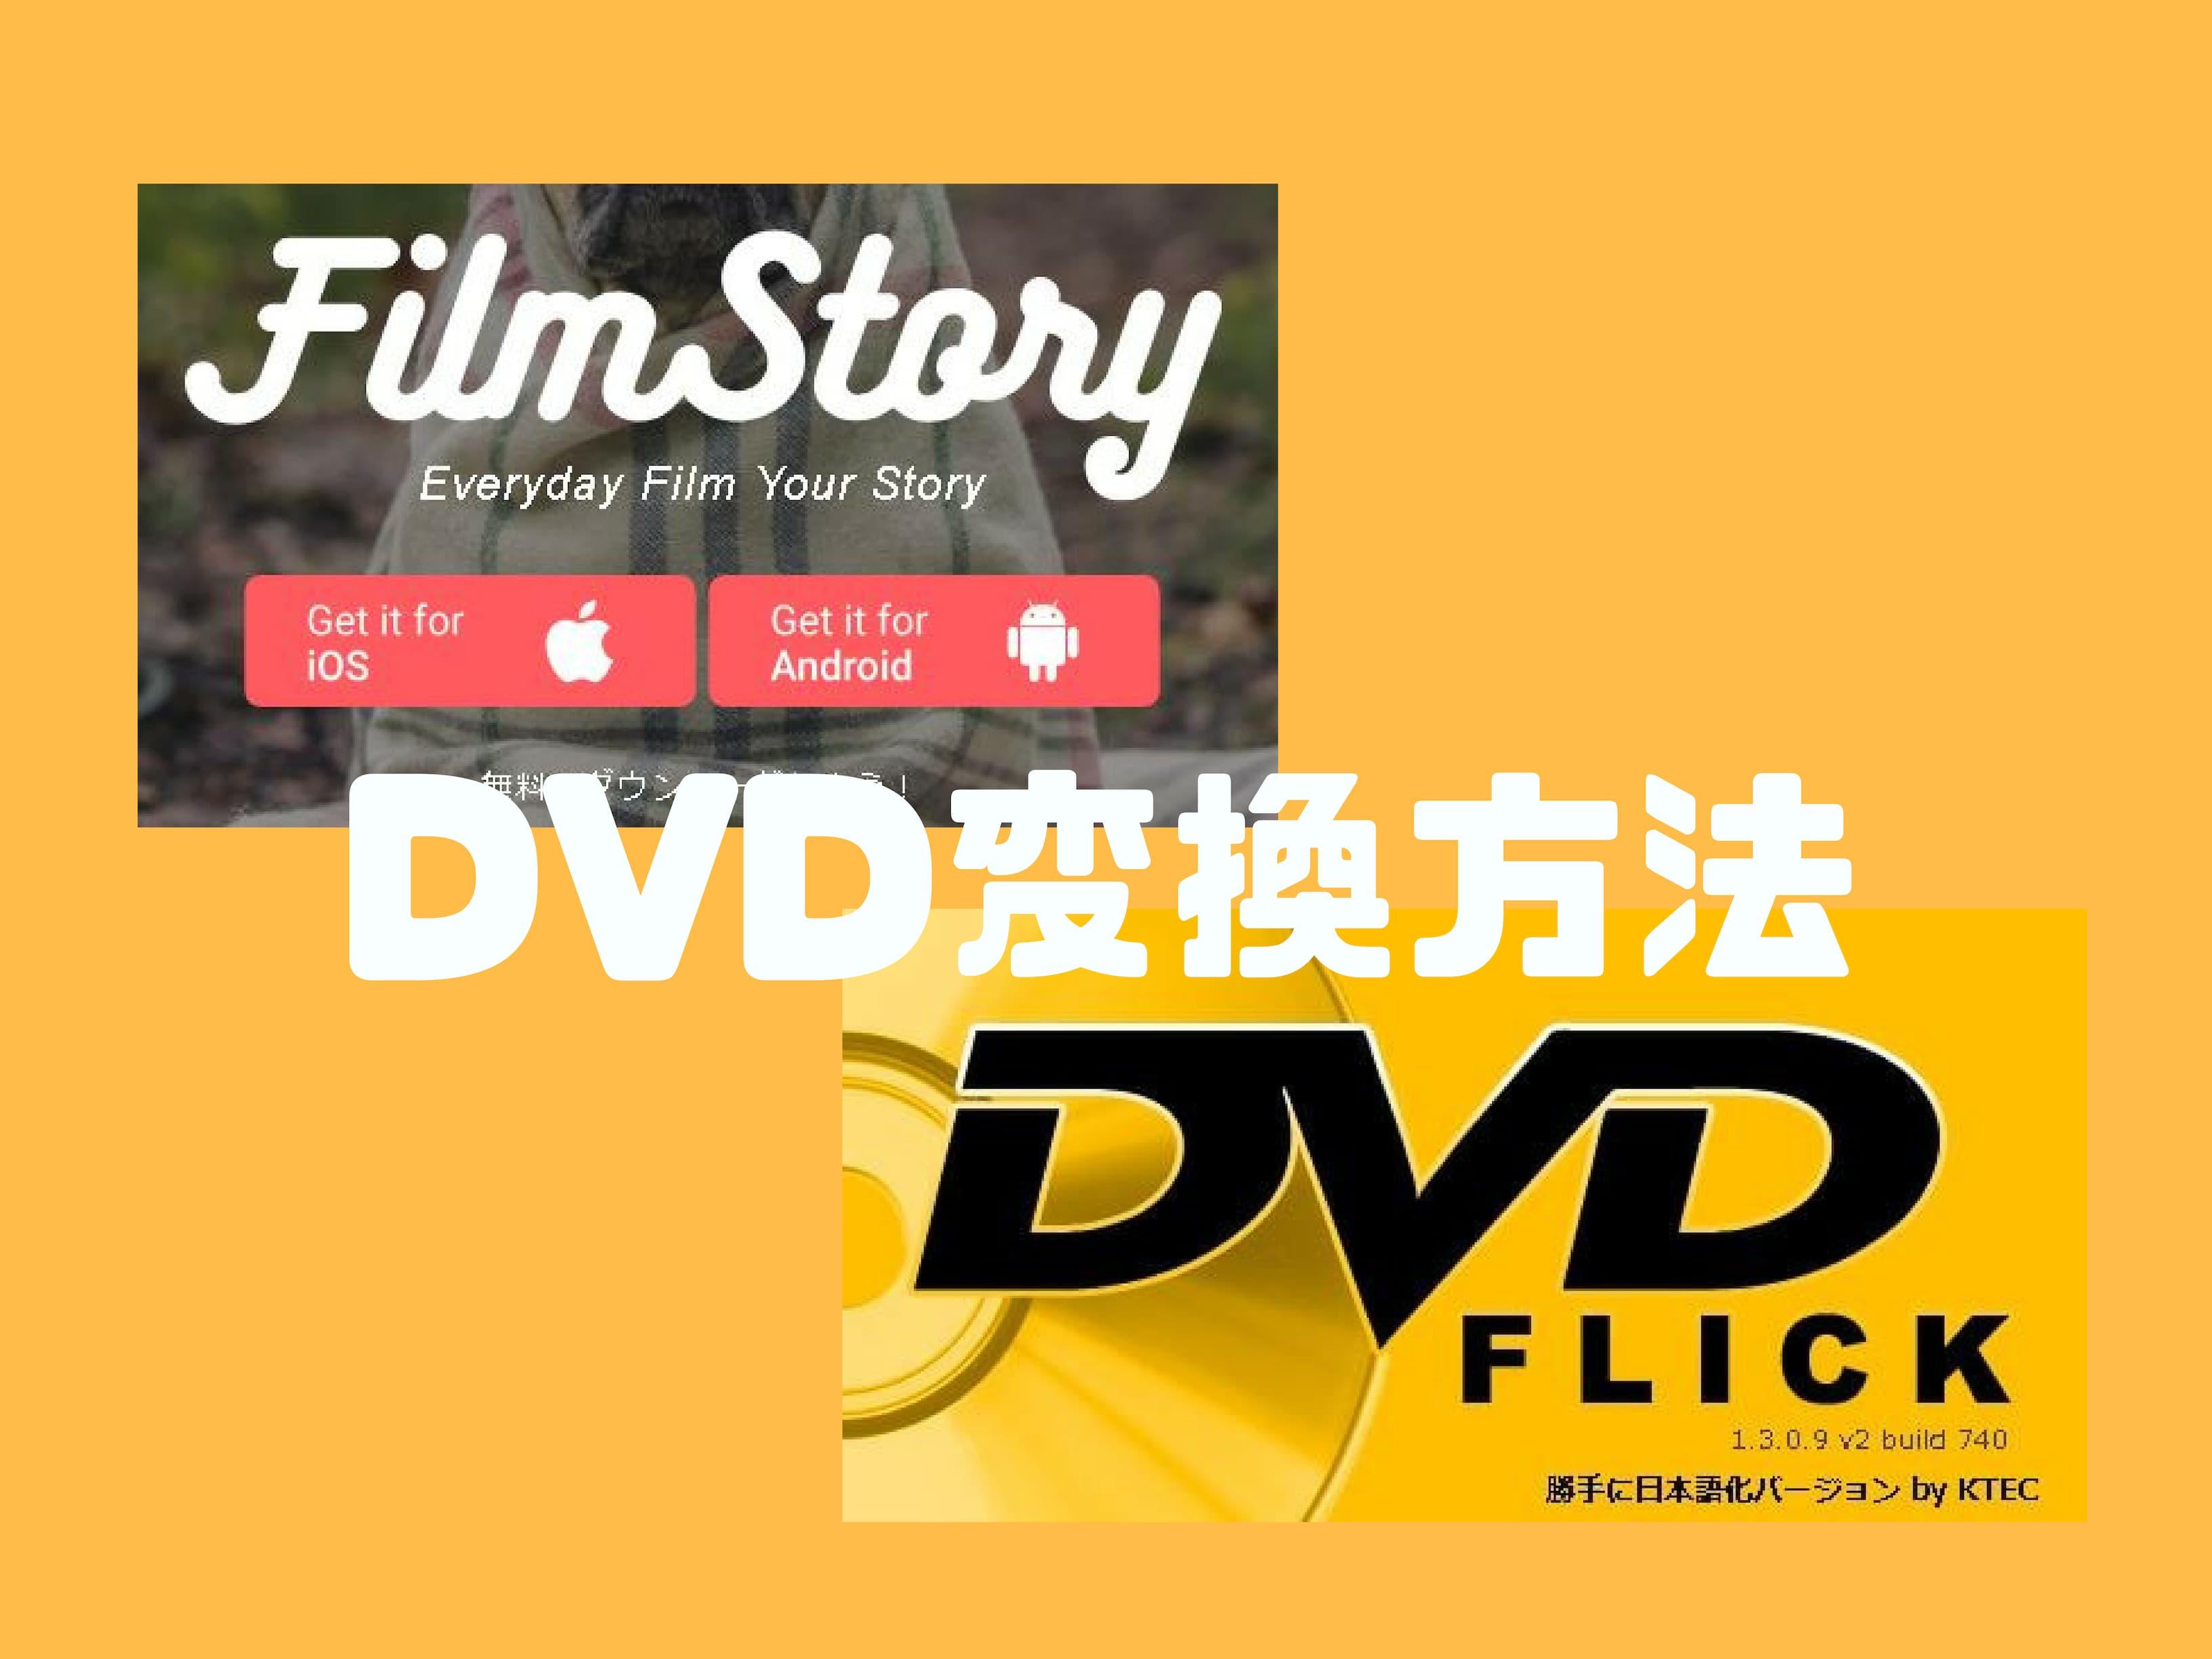 フィルムストーリーで作った動画を家庭用DVDプレーヤーで見る方法